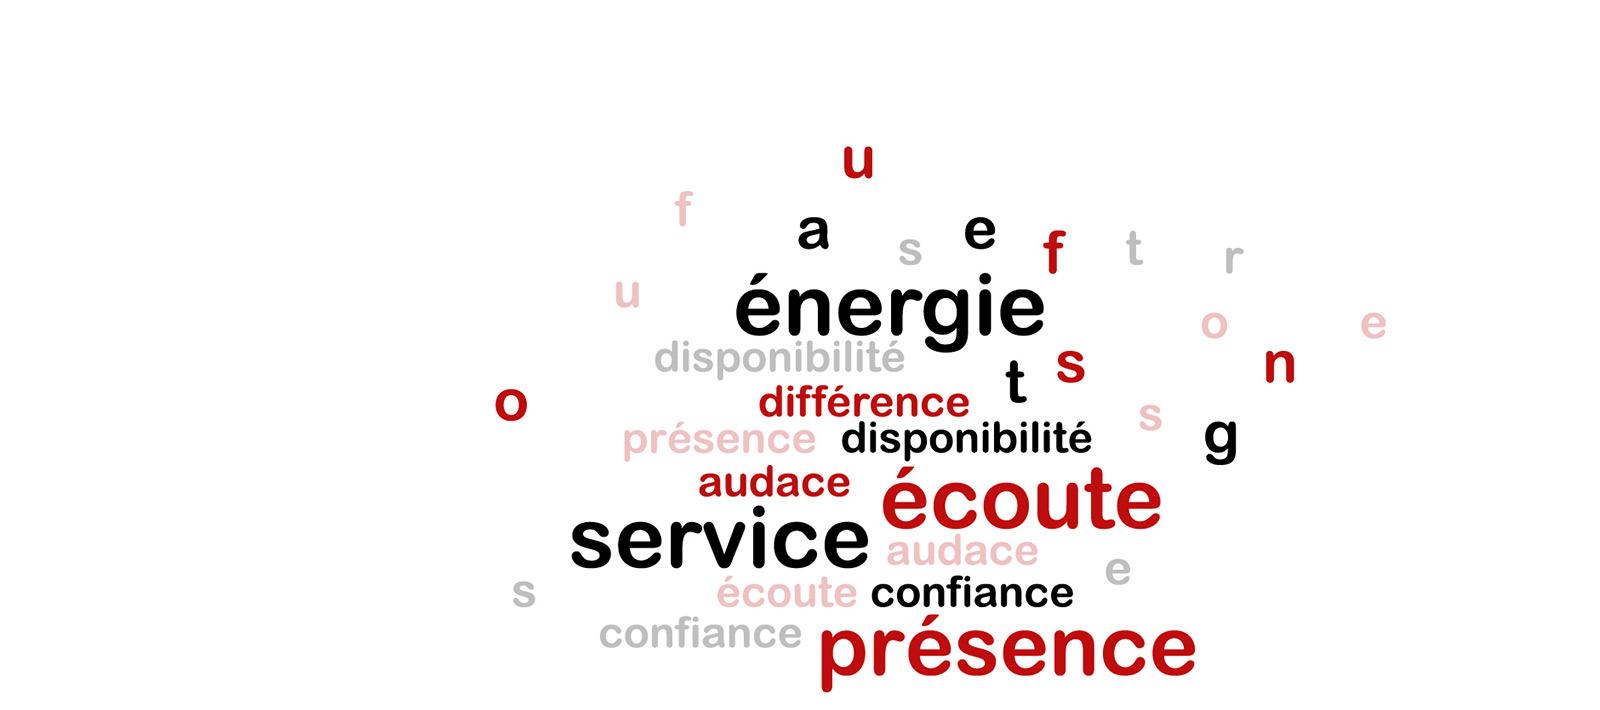 Des valeurs à partager : Présence – Disponibilité – Écoute – Confiance – Différence – Énergie – Audace – Service